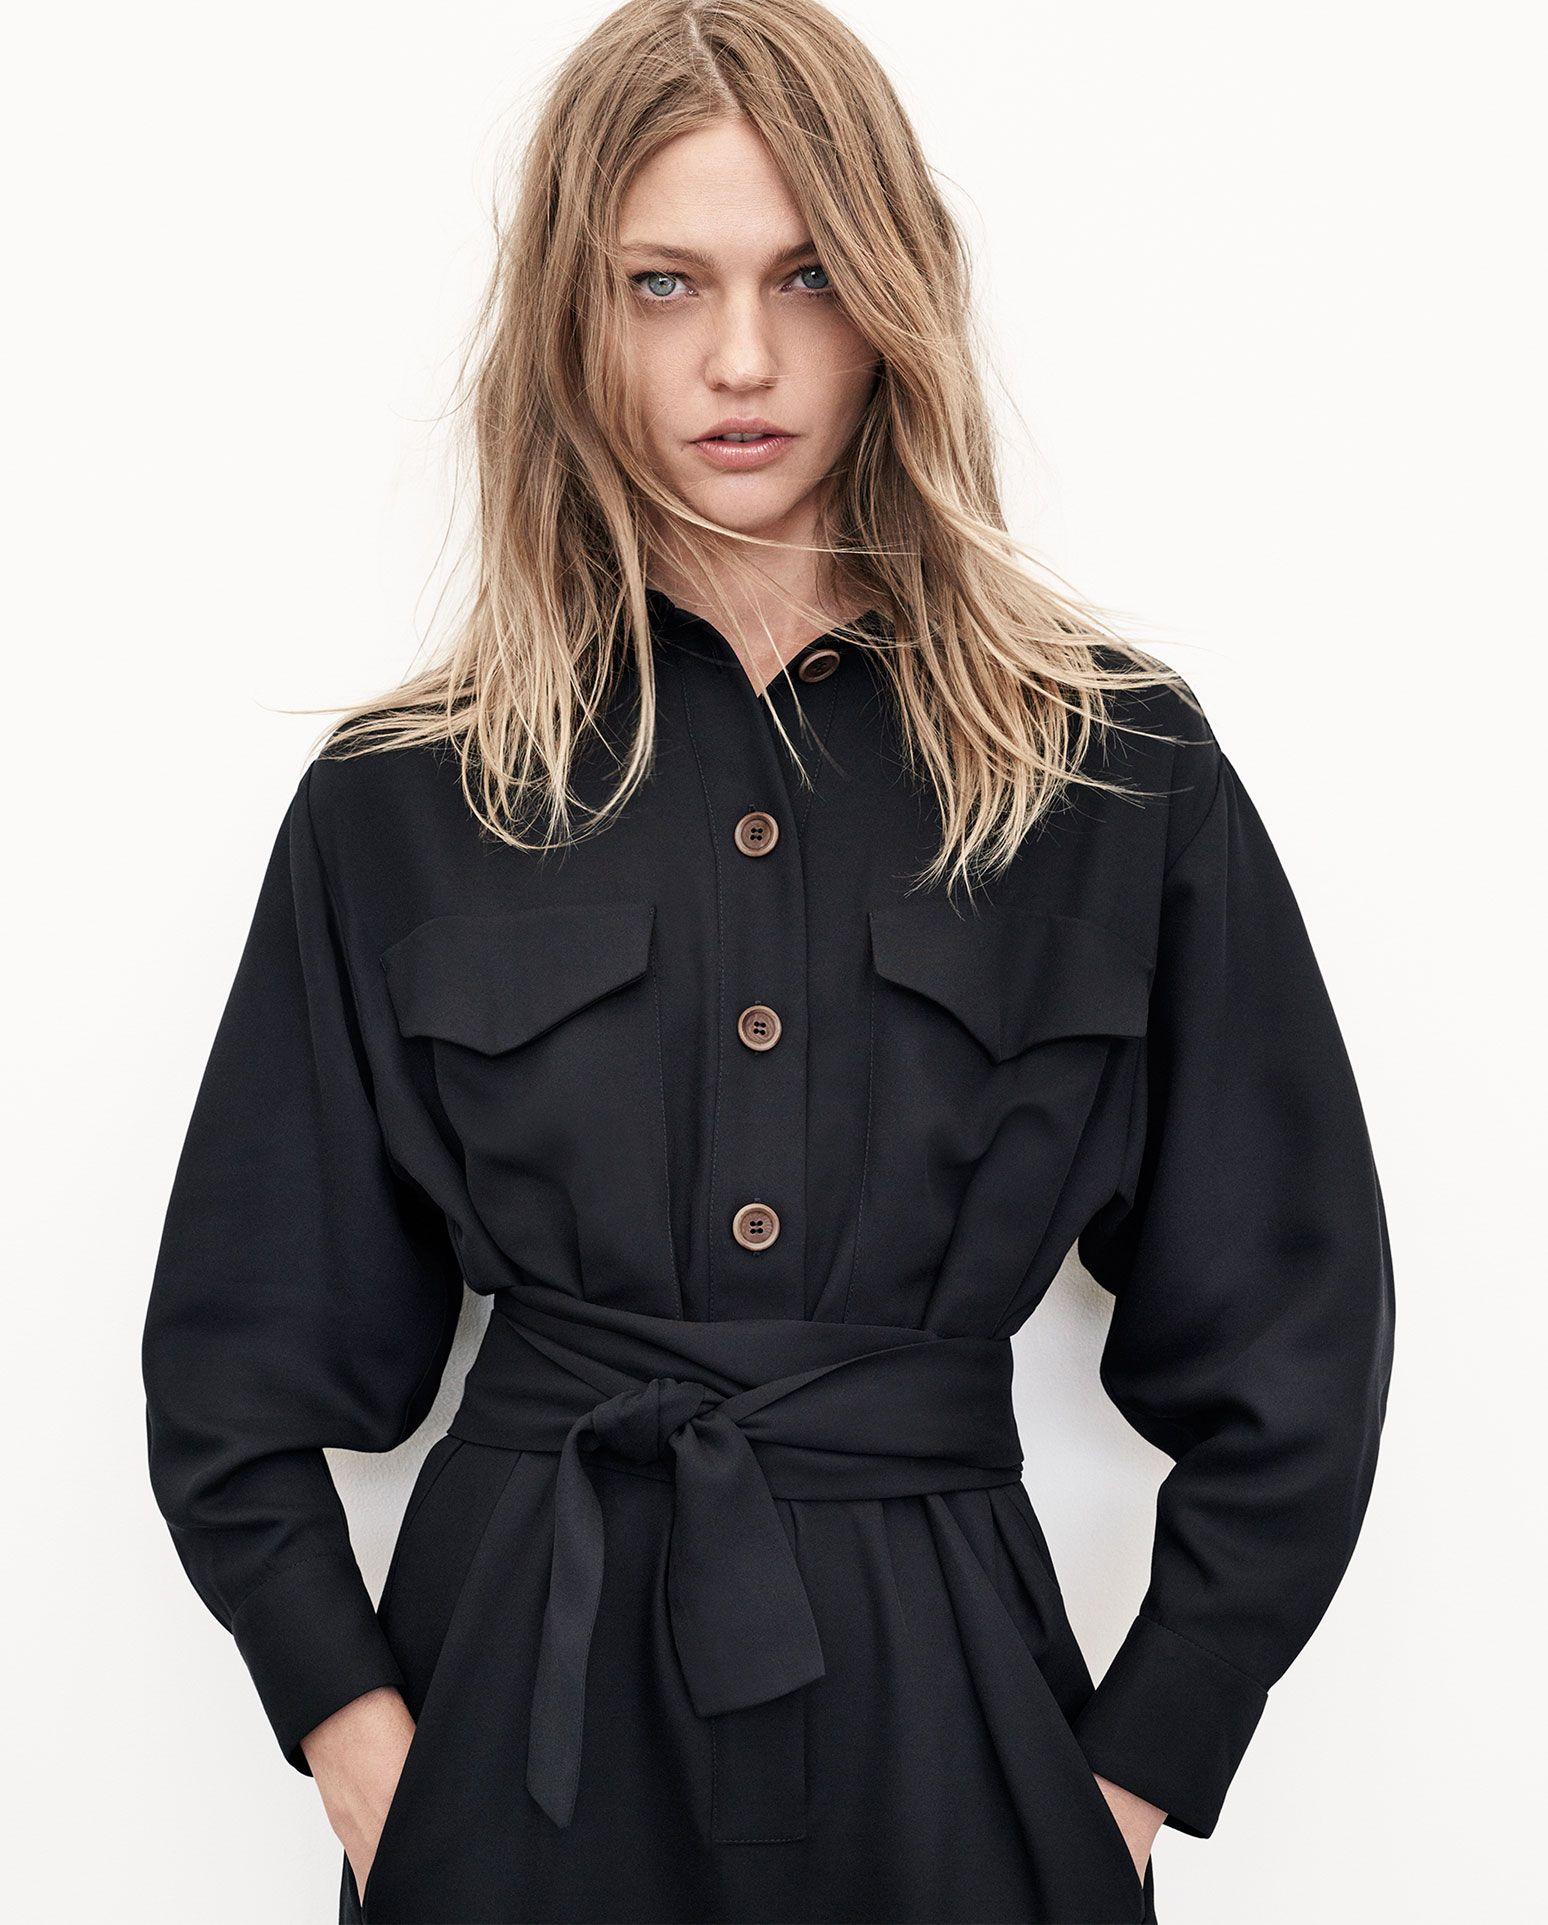 editorial join life damen zara deutschland clothes pinterest bekleidung mode und stil. Black Bedroom Furniture Sets. Home Design Ideas